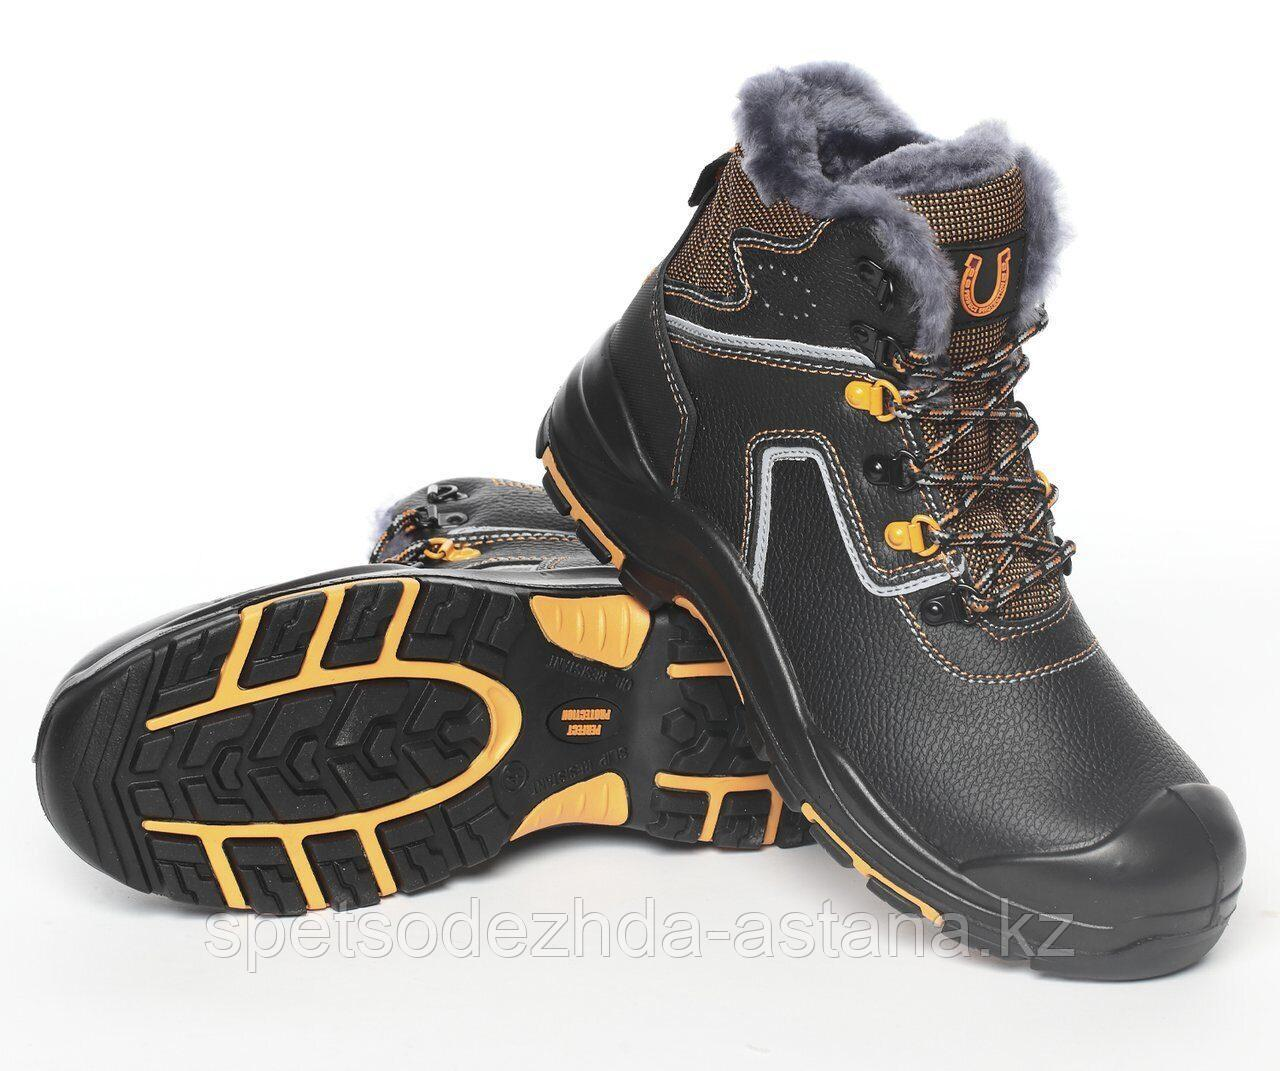 Спецобувь в Астане. Ботинки высокие утепленные натуральным мехом PERFECT PROTECTION